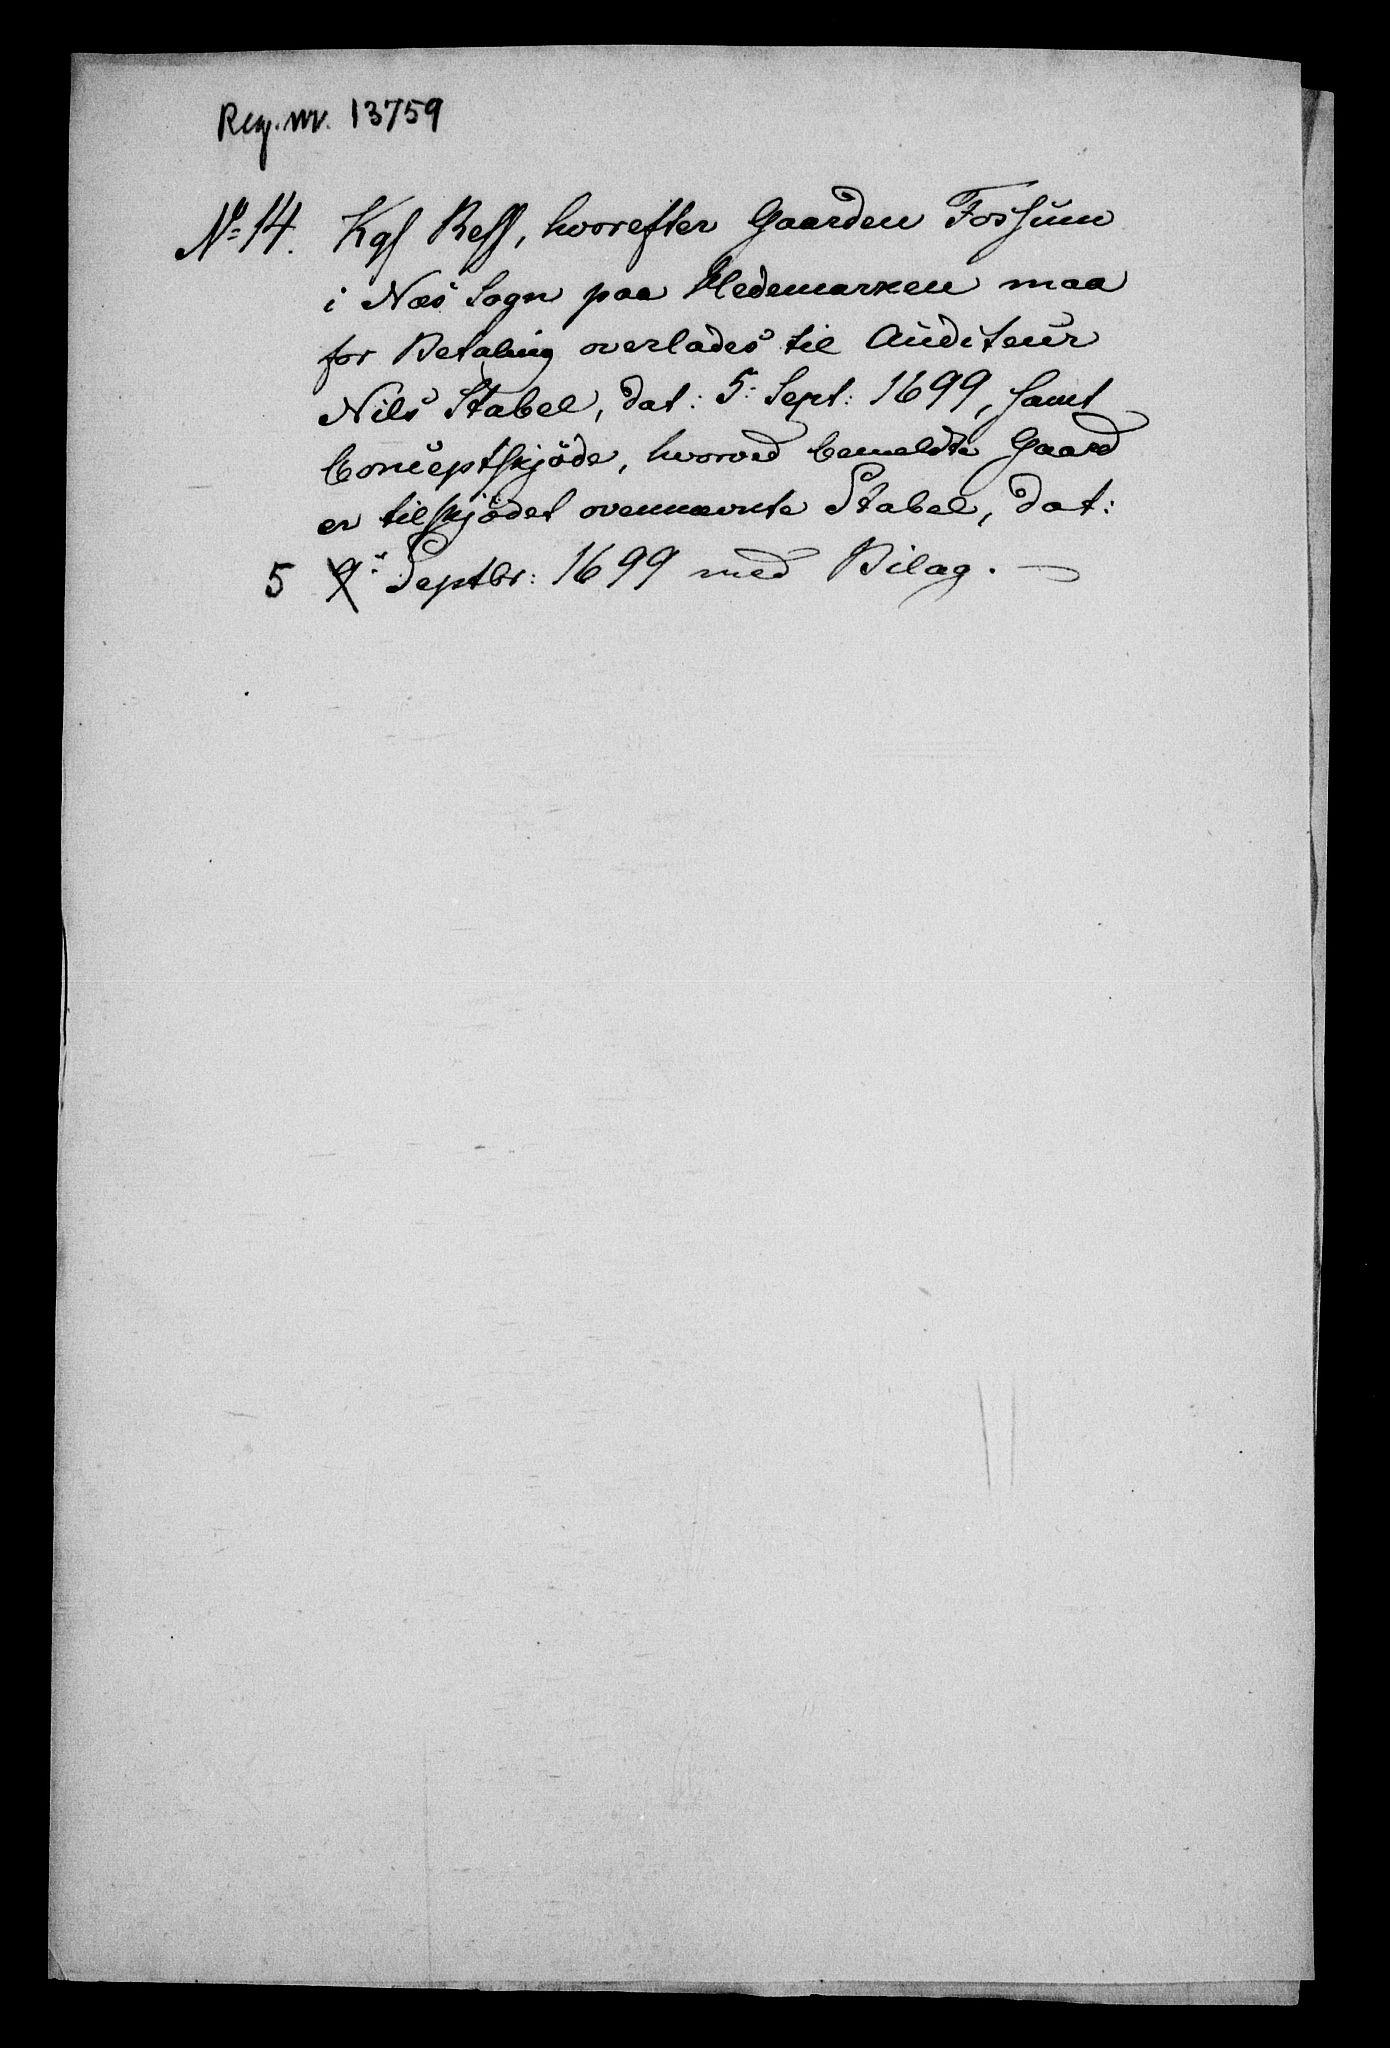 RA, Rentekammeret inntil 1814, Realistisk ordnet avdeling, On/L0013: [Jj 14]: Forskjellige dokumenter om krongodset i Norge, 1672-1722, s. 379